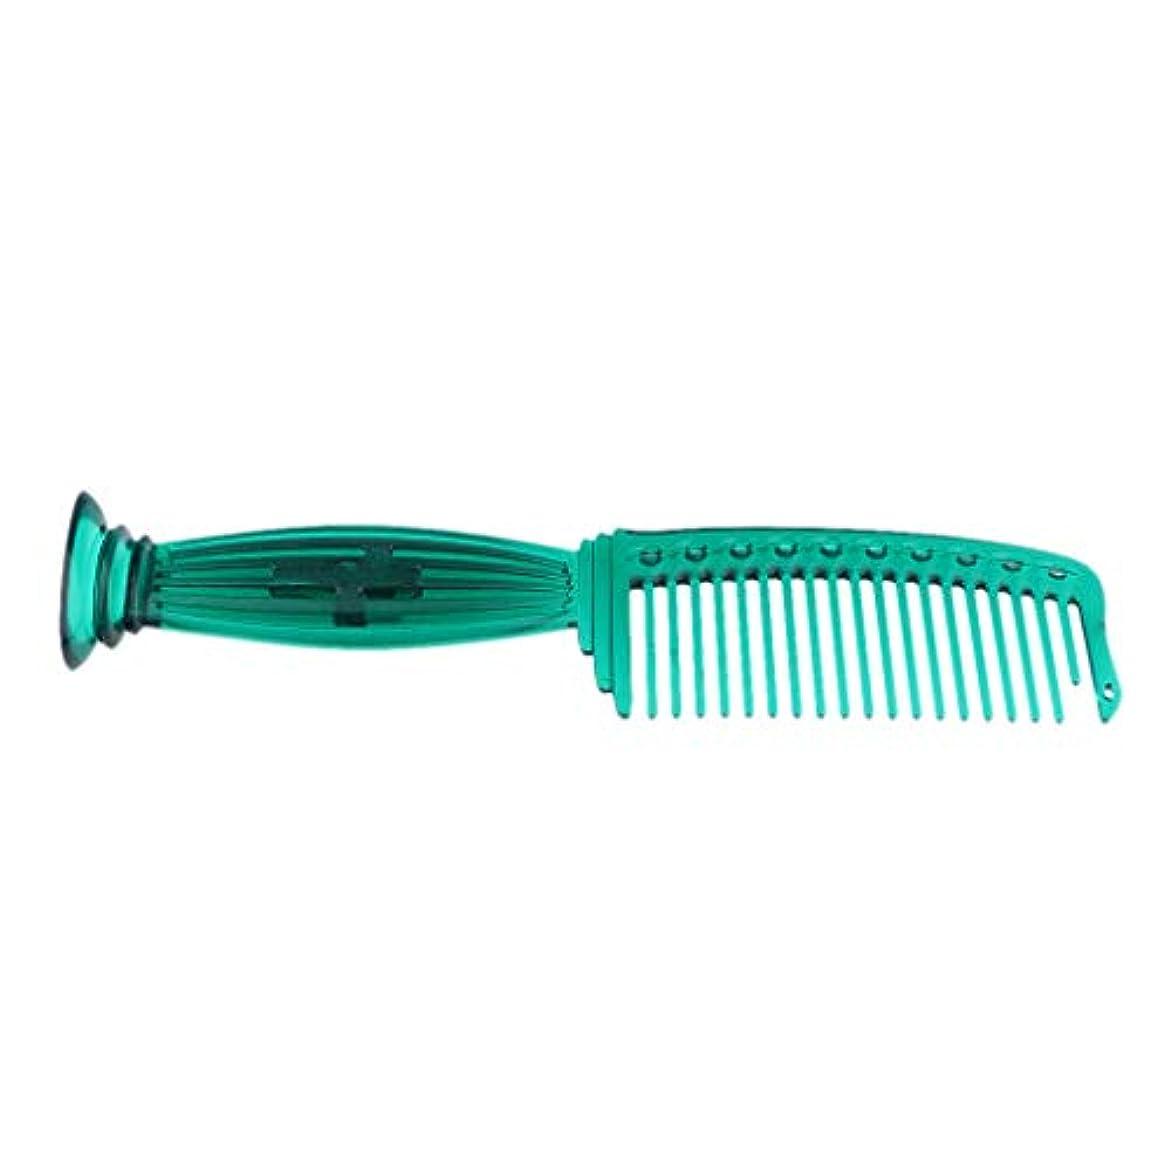 顕著プリーツほこりっぽい全5色 ワイド歯 ヘアコーム ヘアブラシ プラスチック櫛 頭皮保護 櫛 プロ ヘアサロン 理髪師用 - 緑